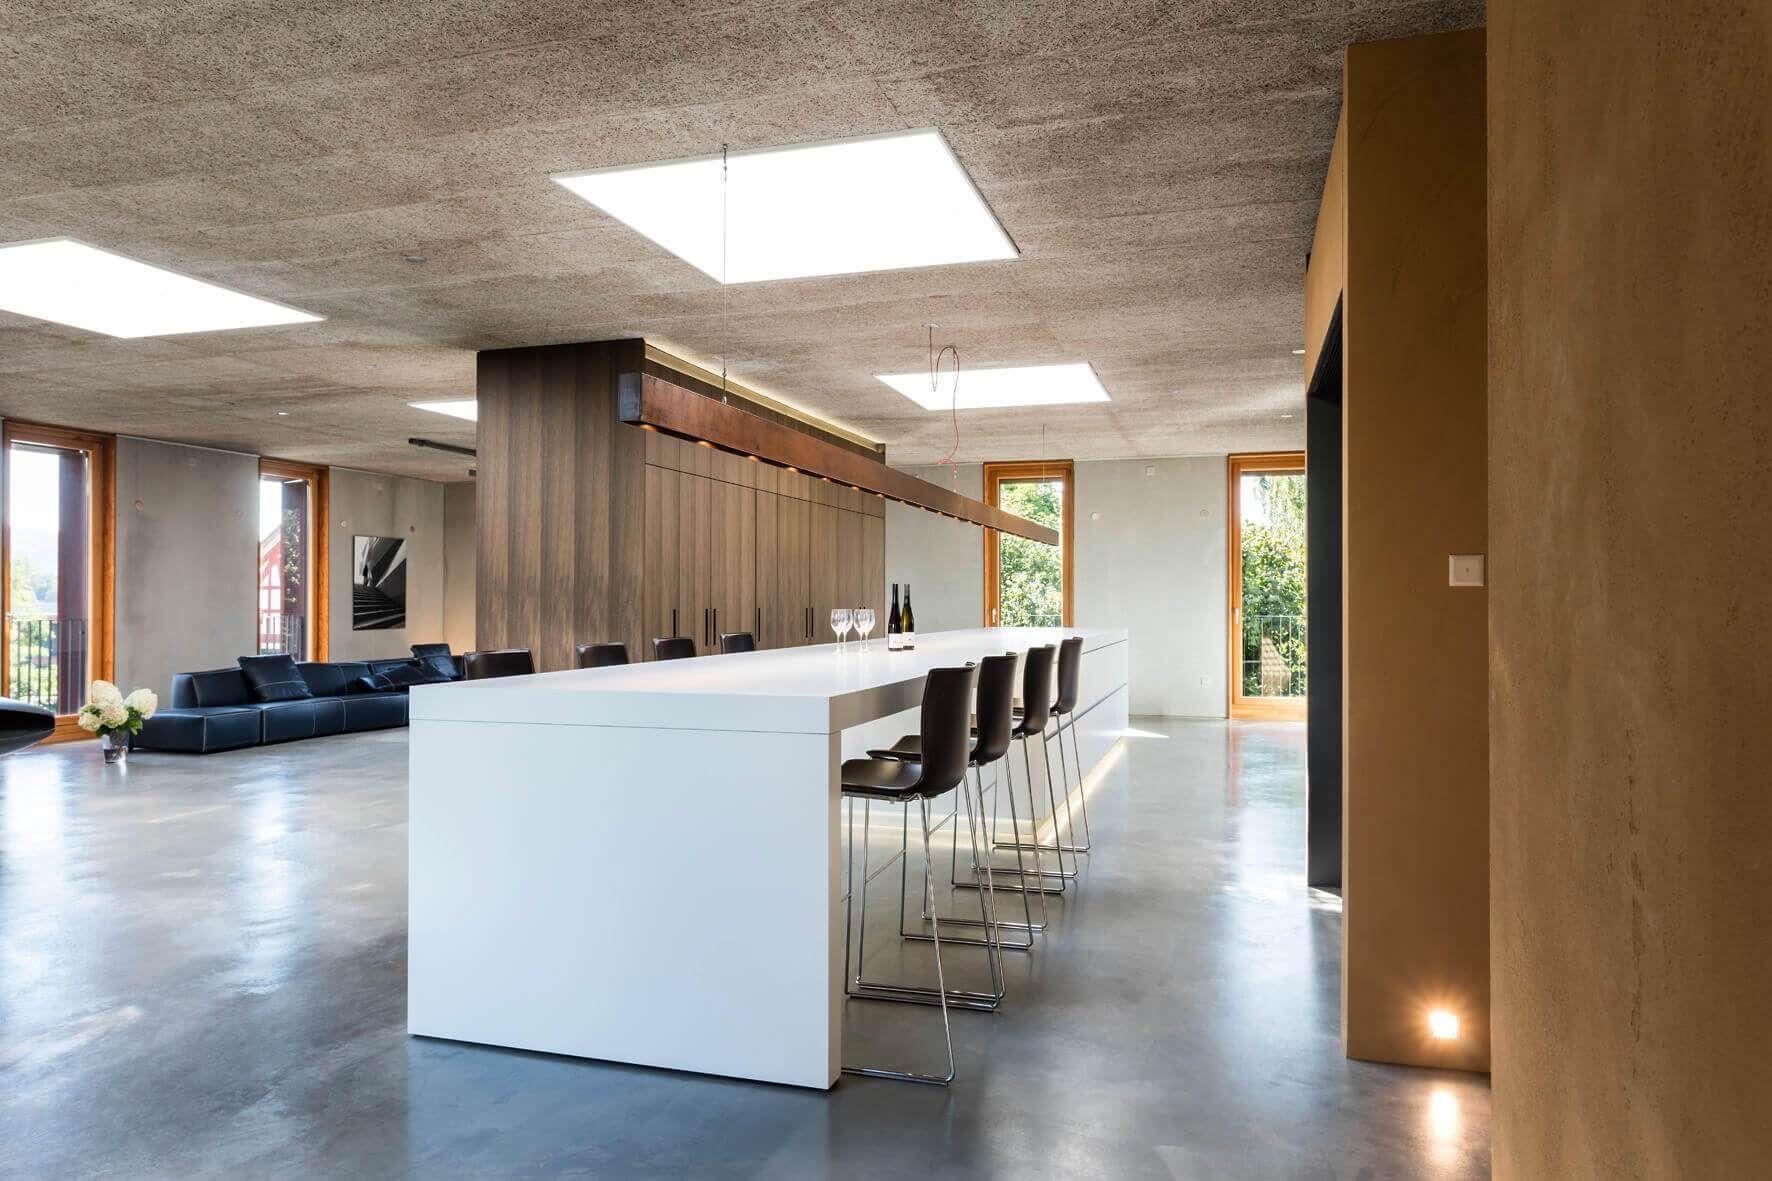 Schön Kücheninsel Lichtideen Ideen - Ideen Für Die Küche Dekoration ...